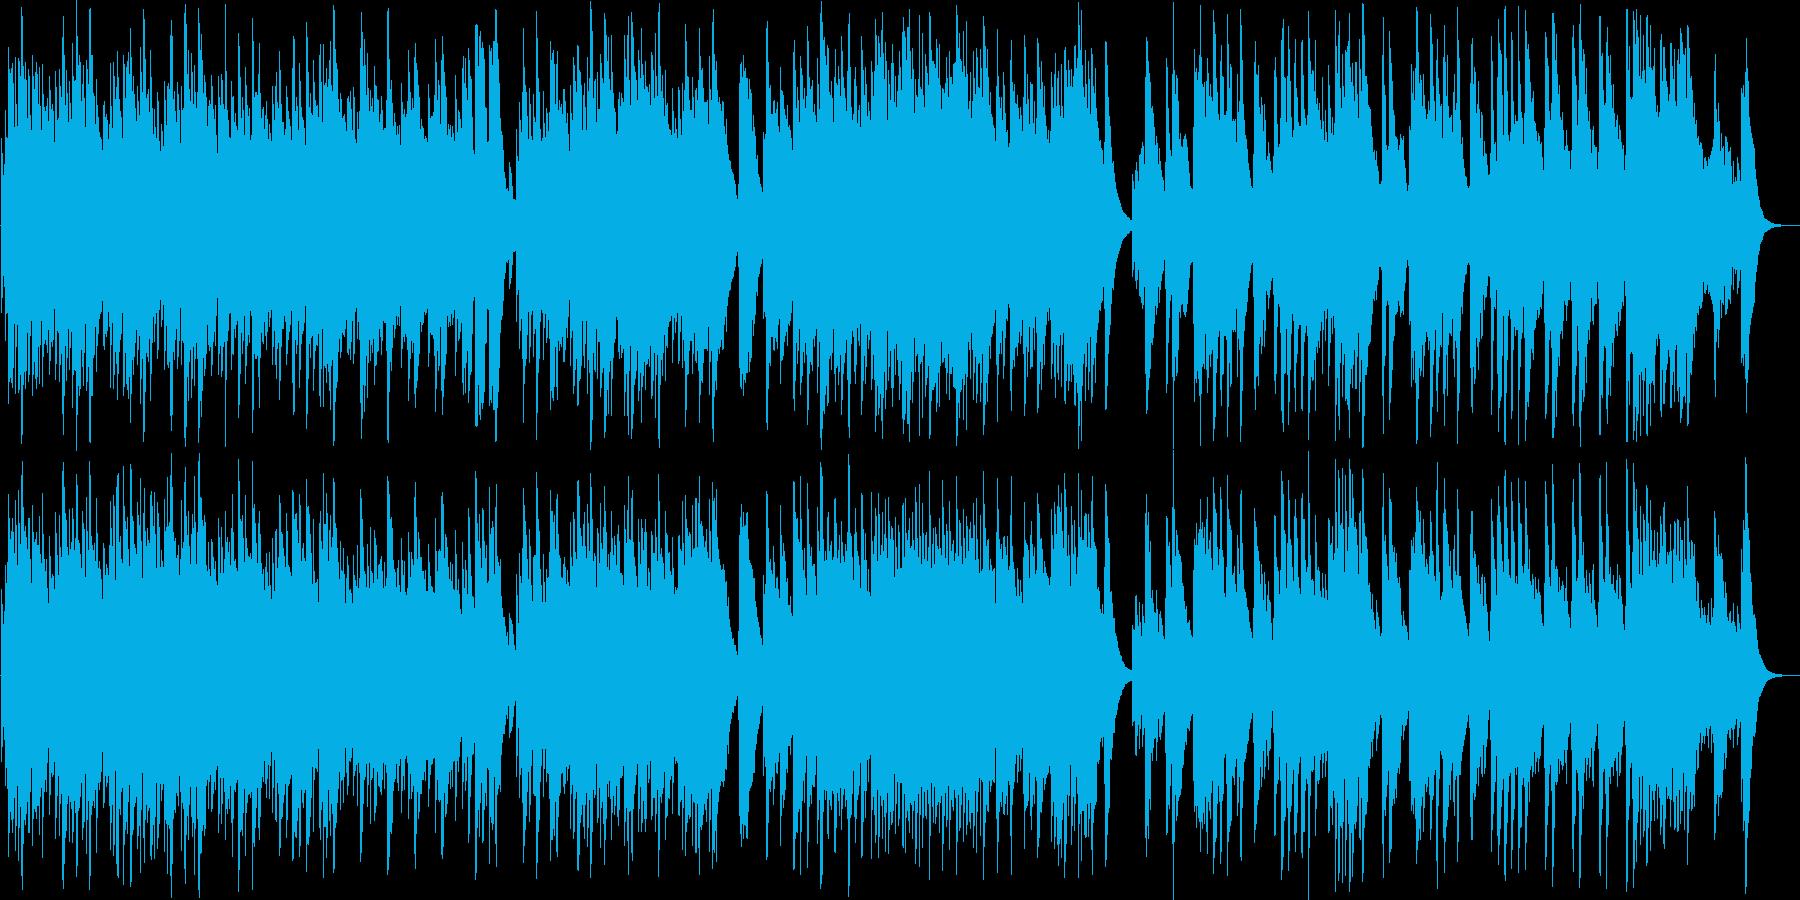 交響曲第40番第1楽章/モーツァルトの再生済みの波形